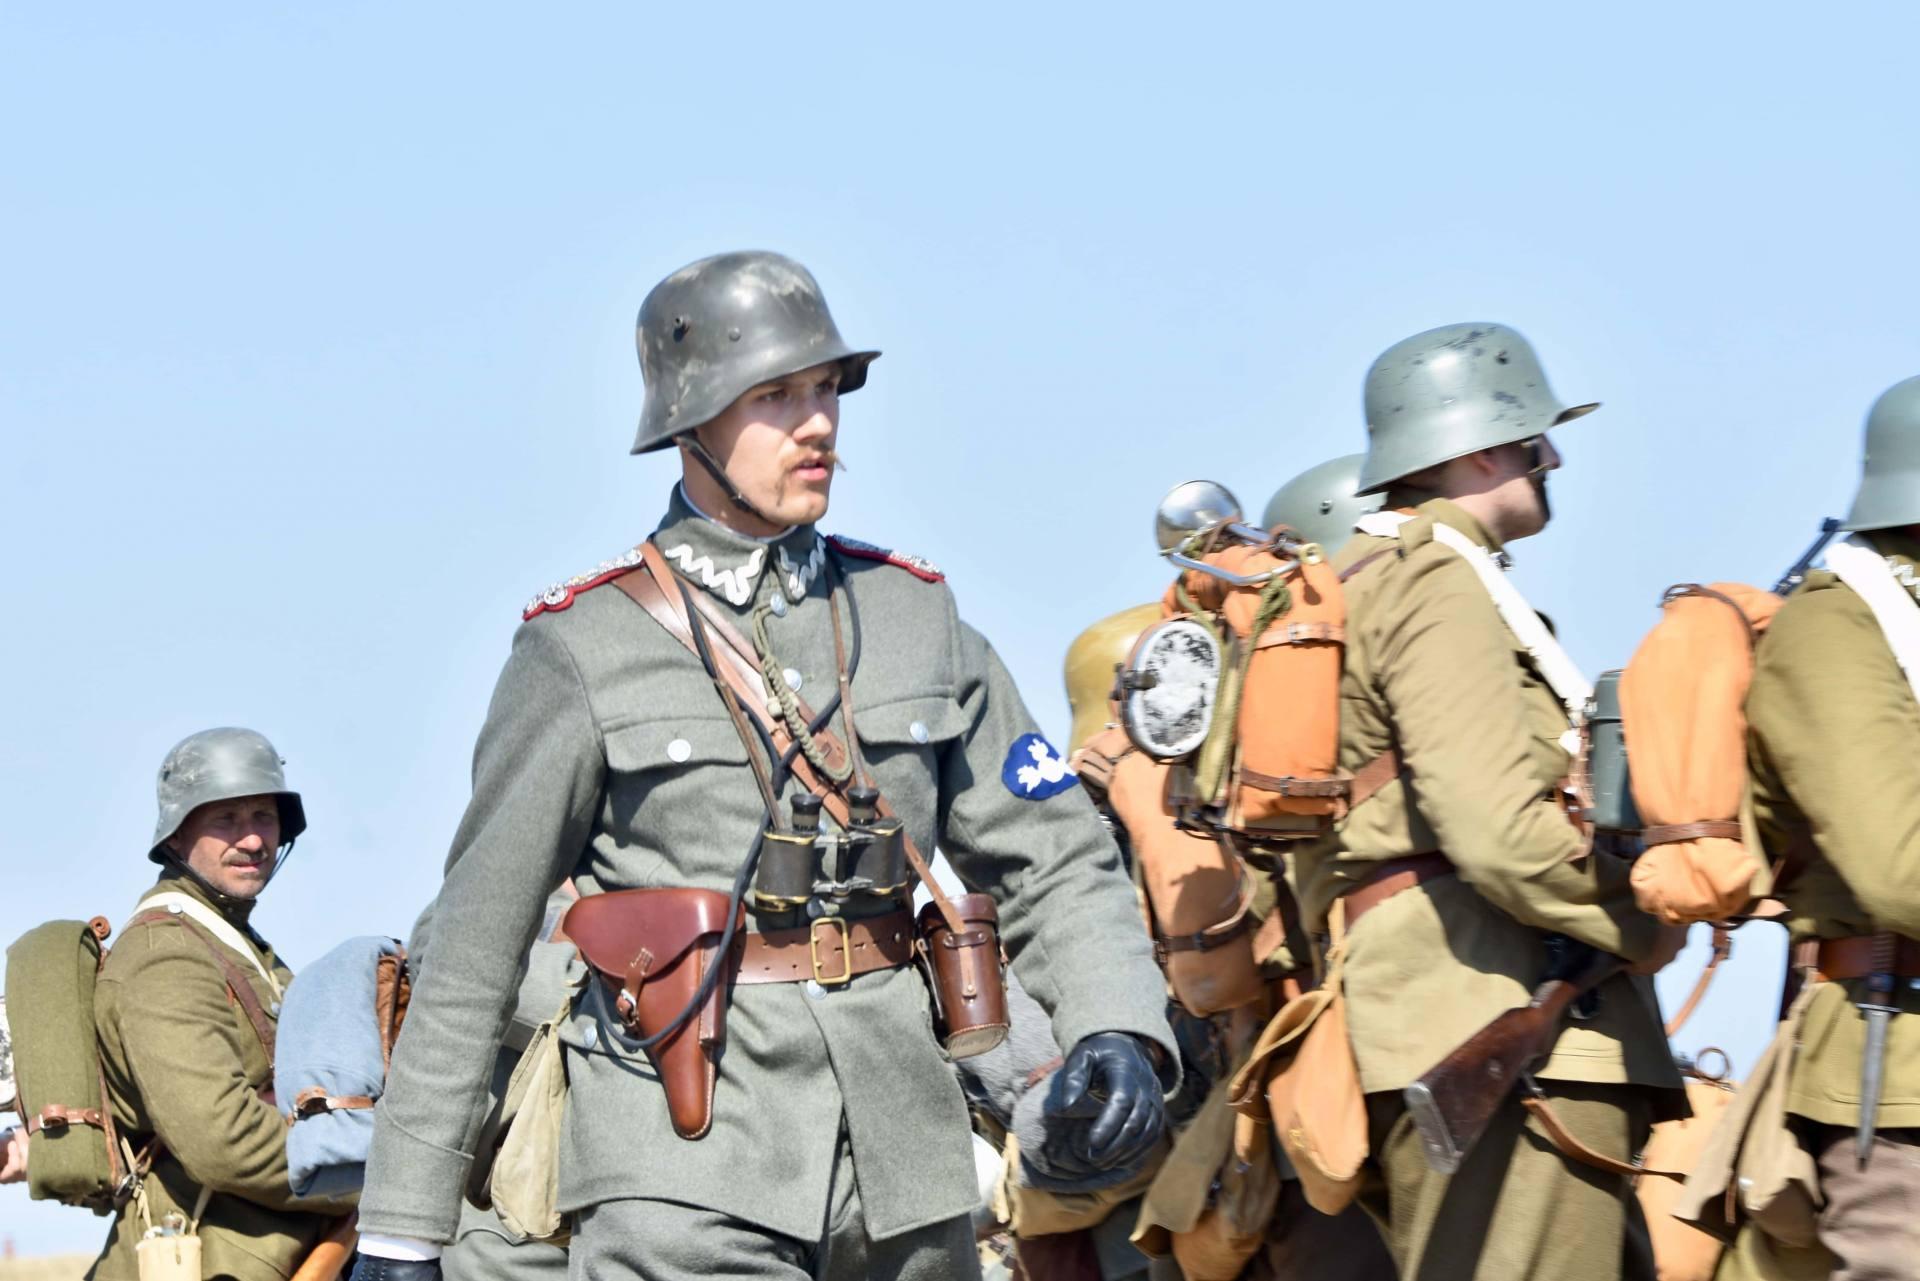 dsc 0935 Czas szabli - 100 rocznica bitwy pod Komarowem(zdjęcia)